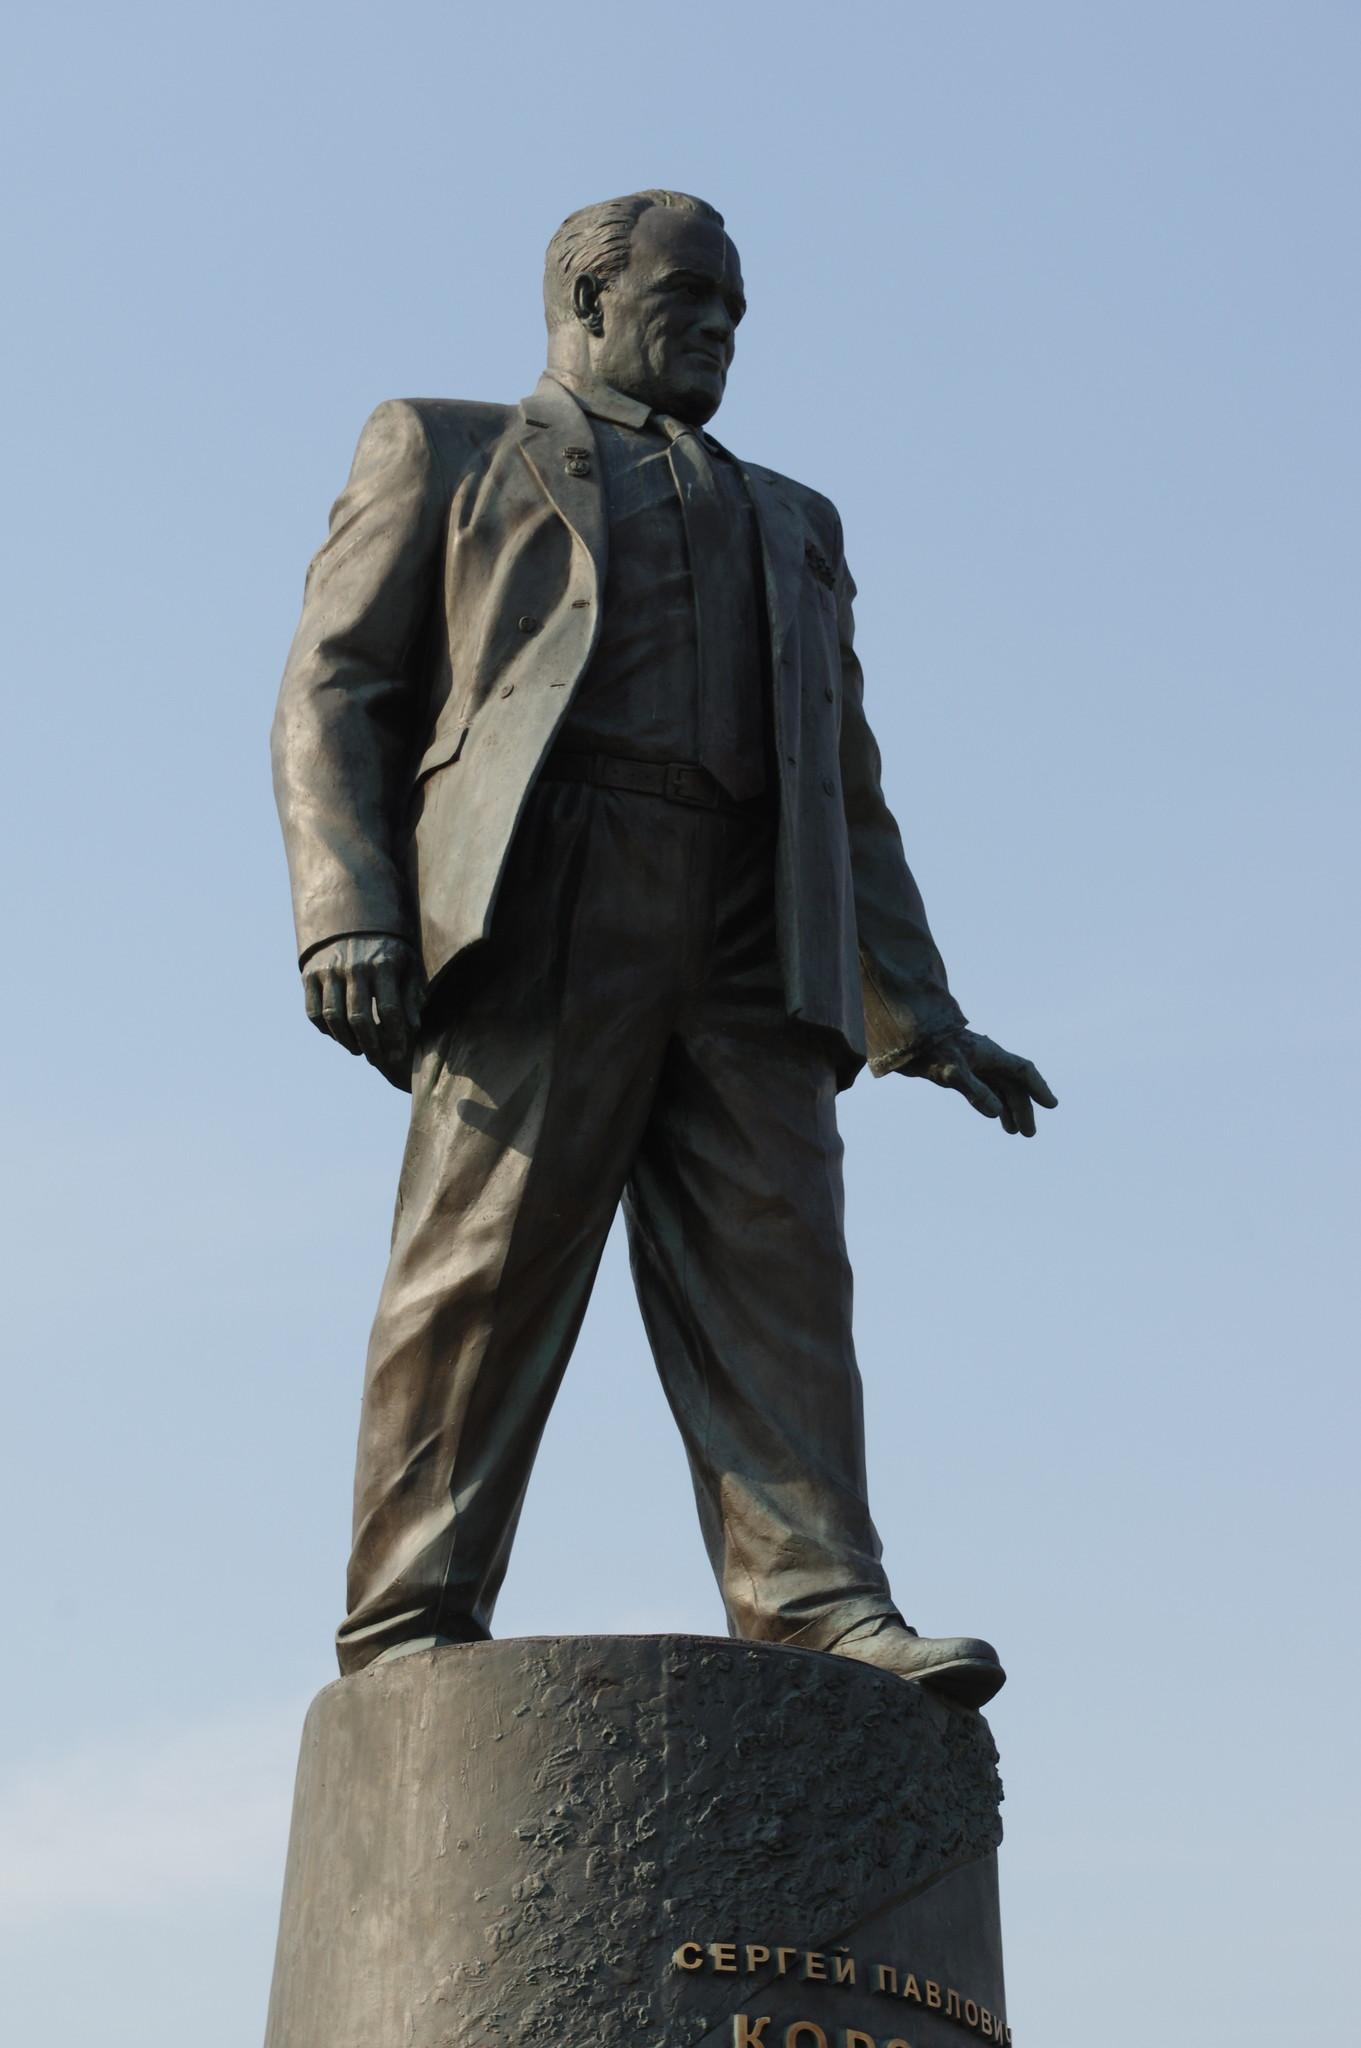 Памятник Сергею Павловичу Королёву на Аллее космонавтов